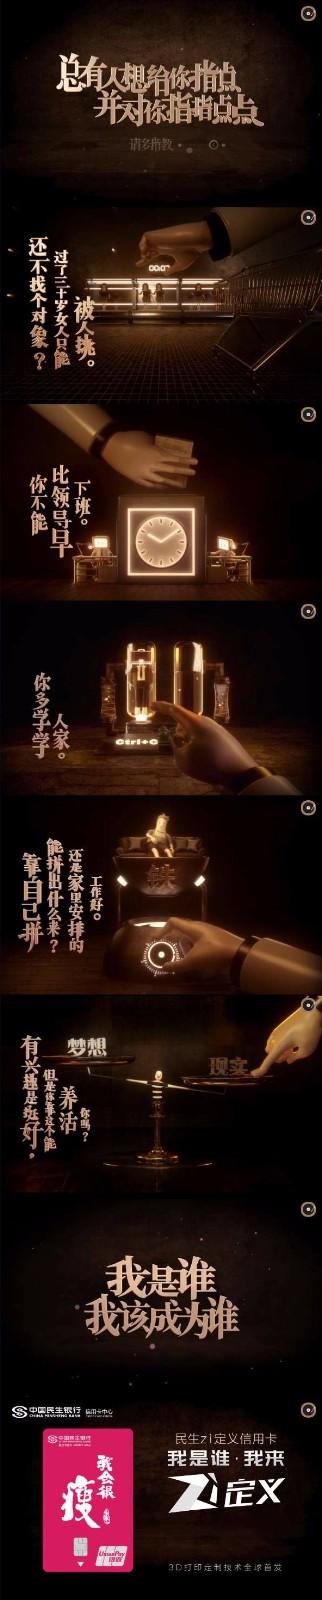 详情长图.jpg